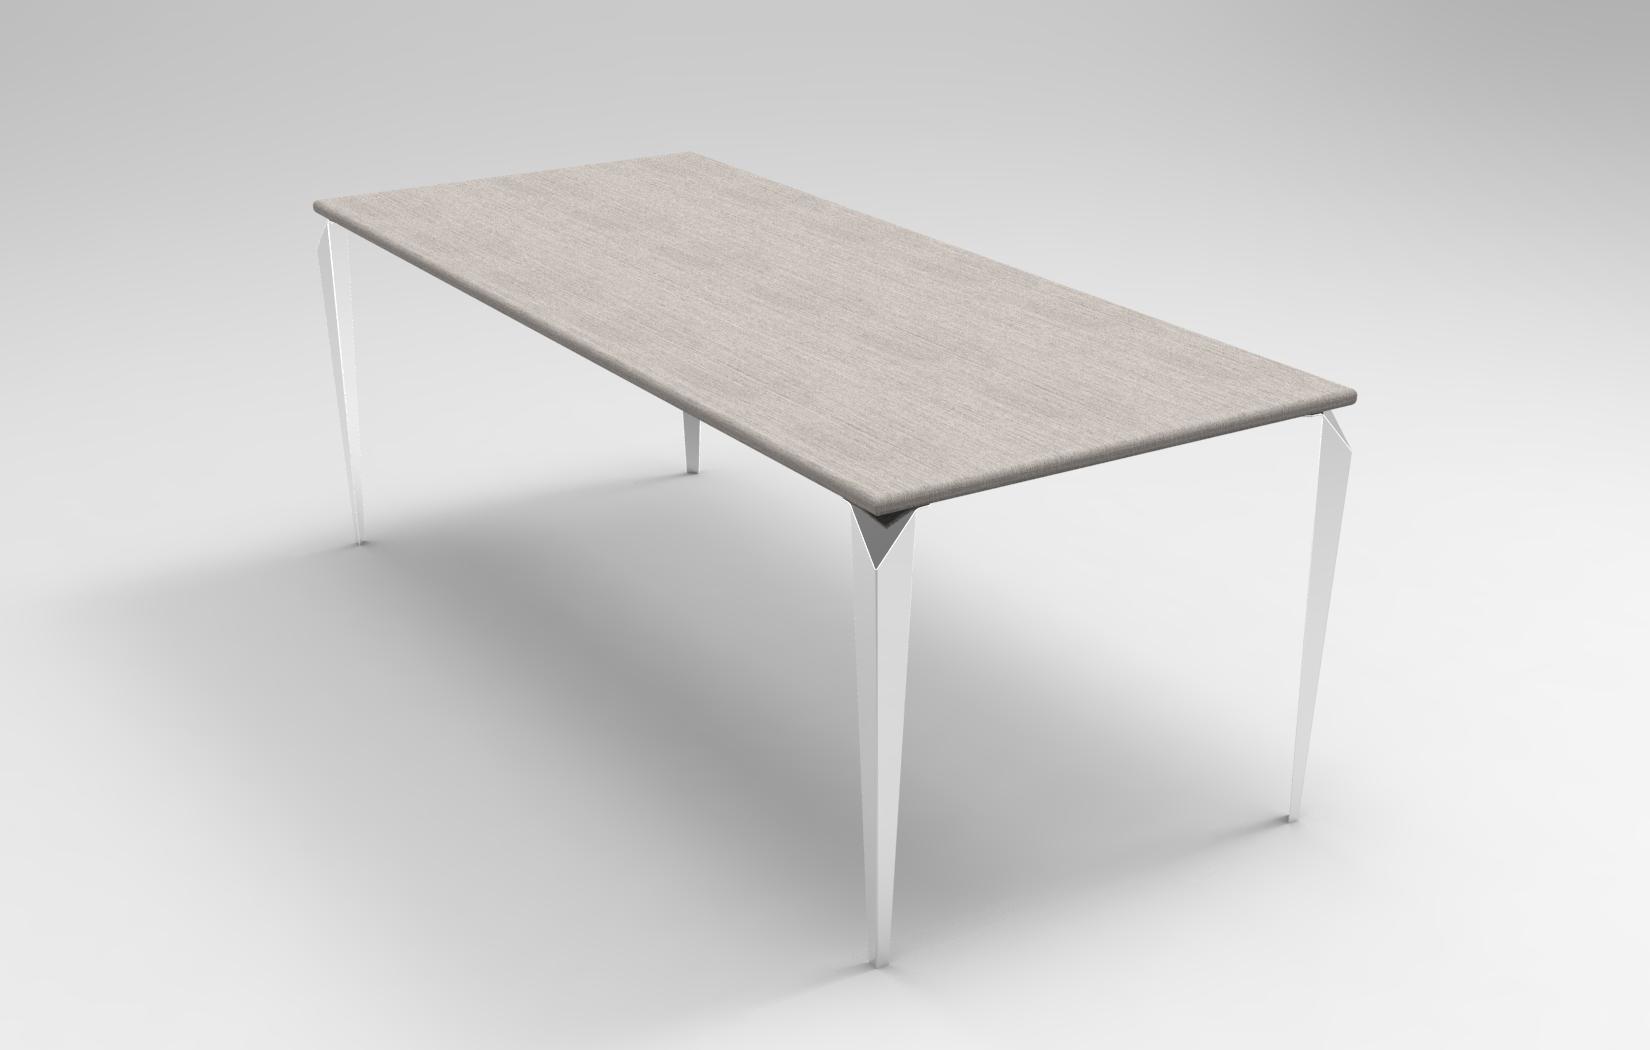 Lune design tavolo in corian velo for Tavolo rovere sbiancato